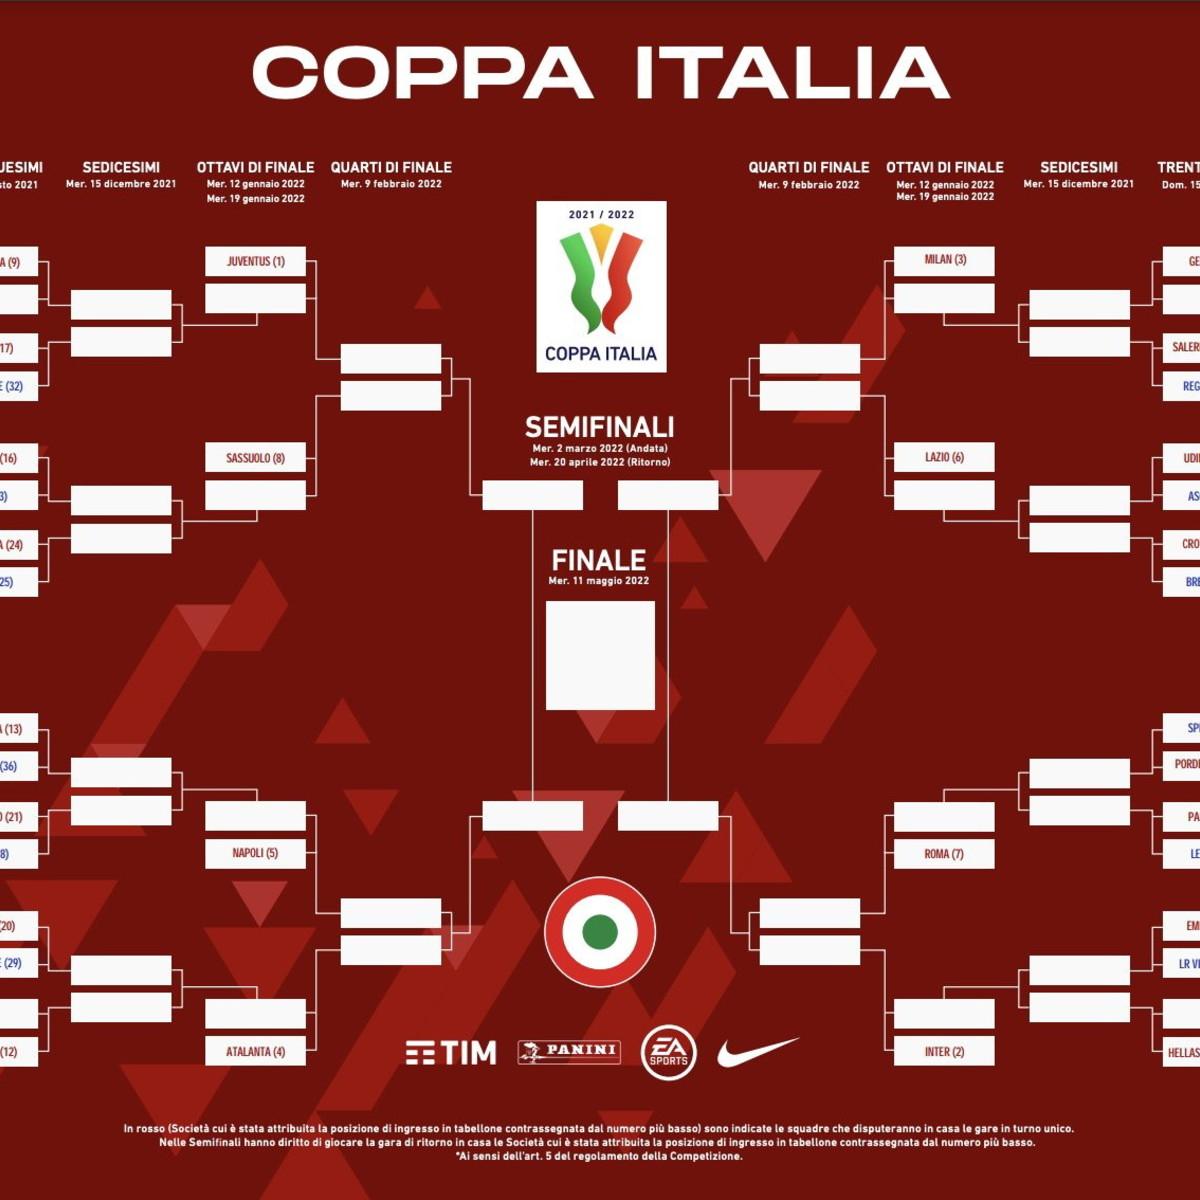 Coppa Italia, svelato il tabellone: possibile Inter-Roma ai quarti